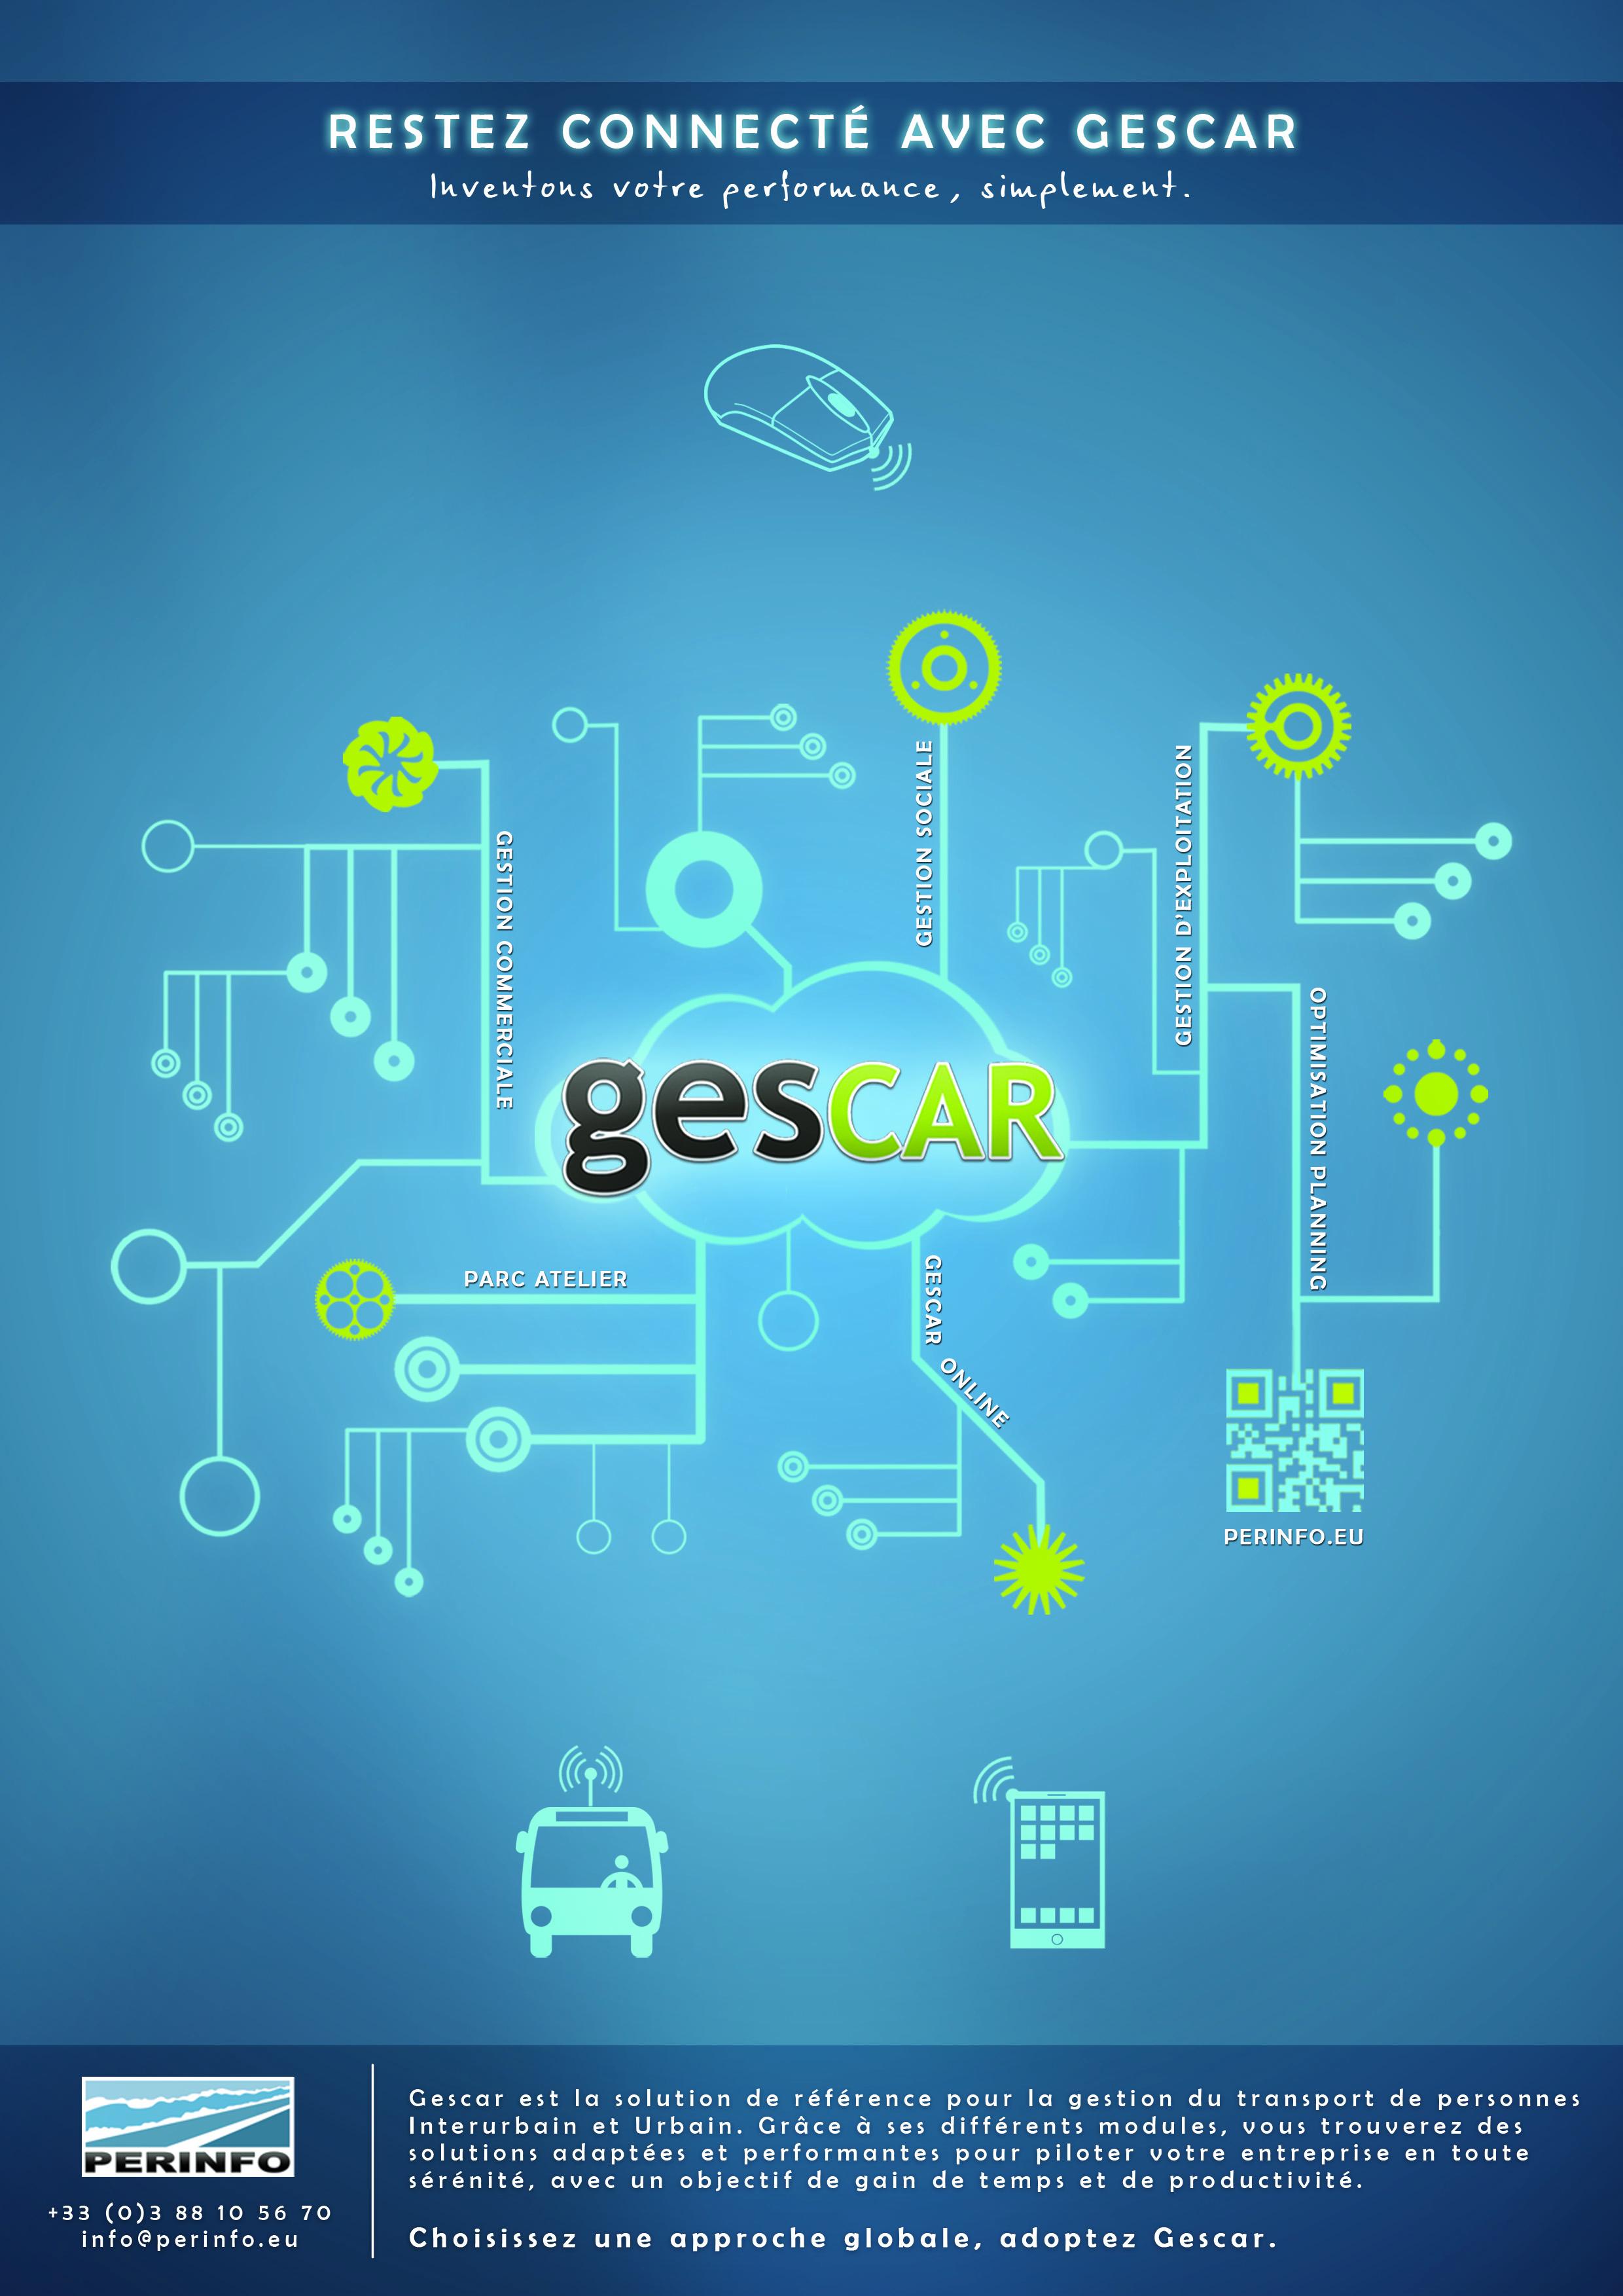 Restez connecté avec Gescar